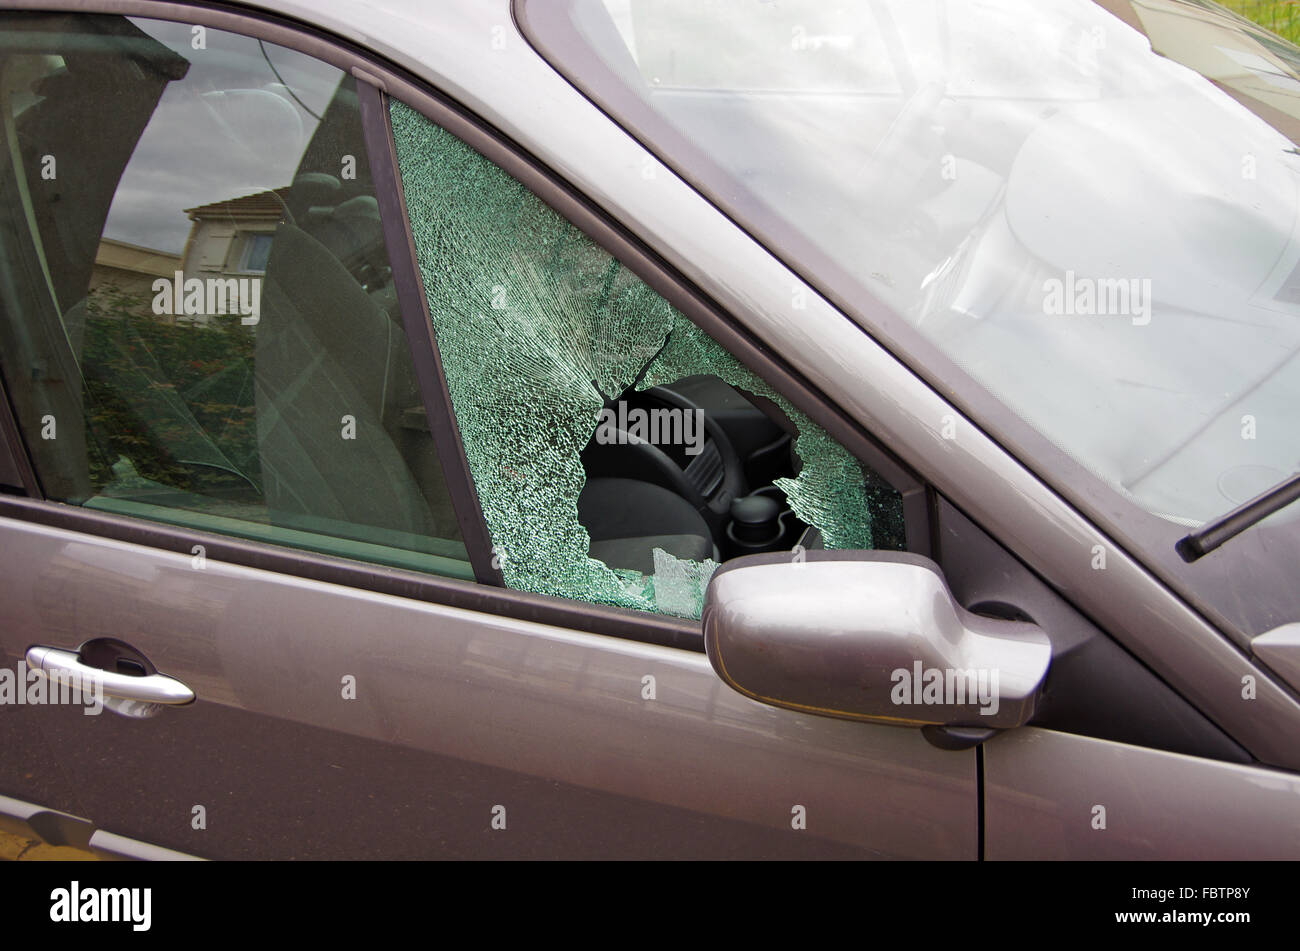 car vandalism - Stock Image